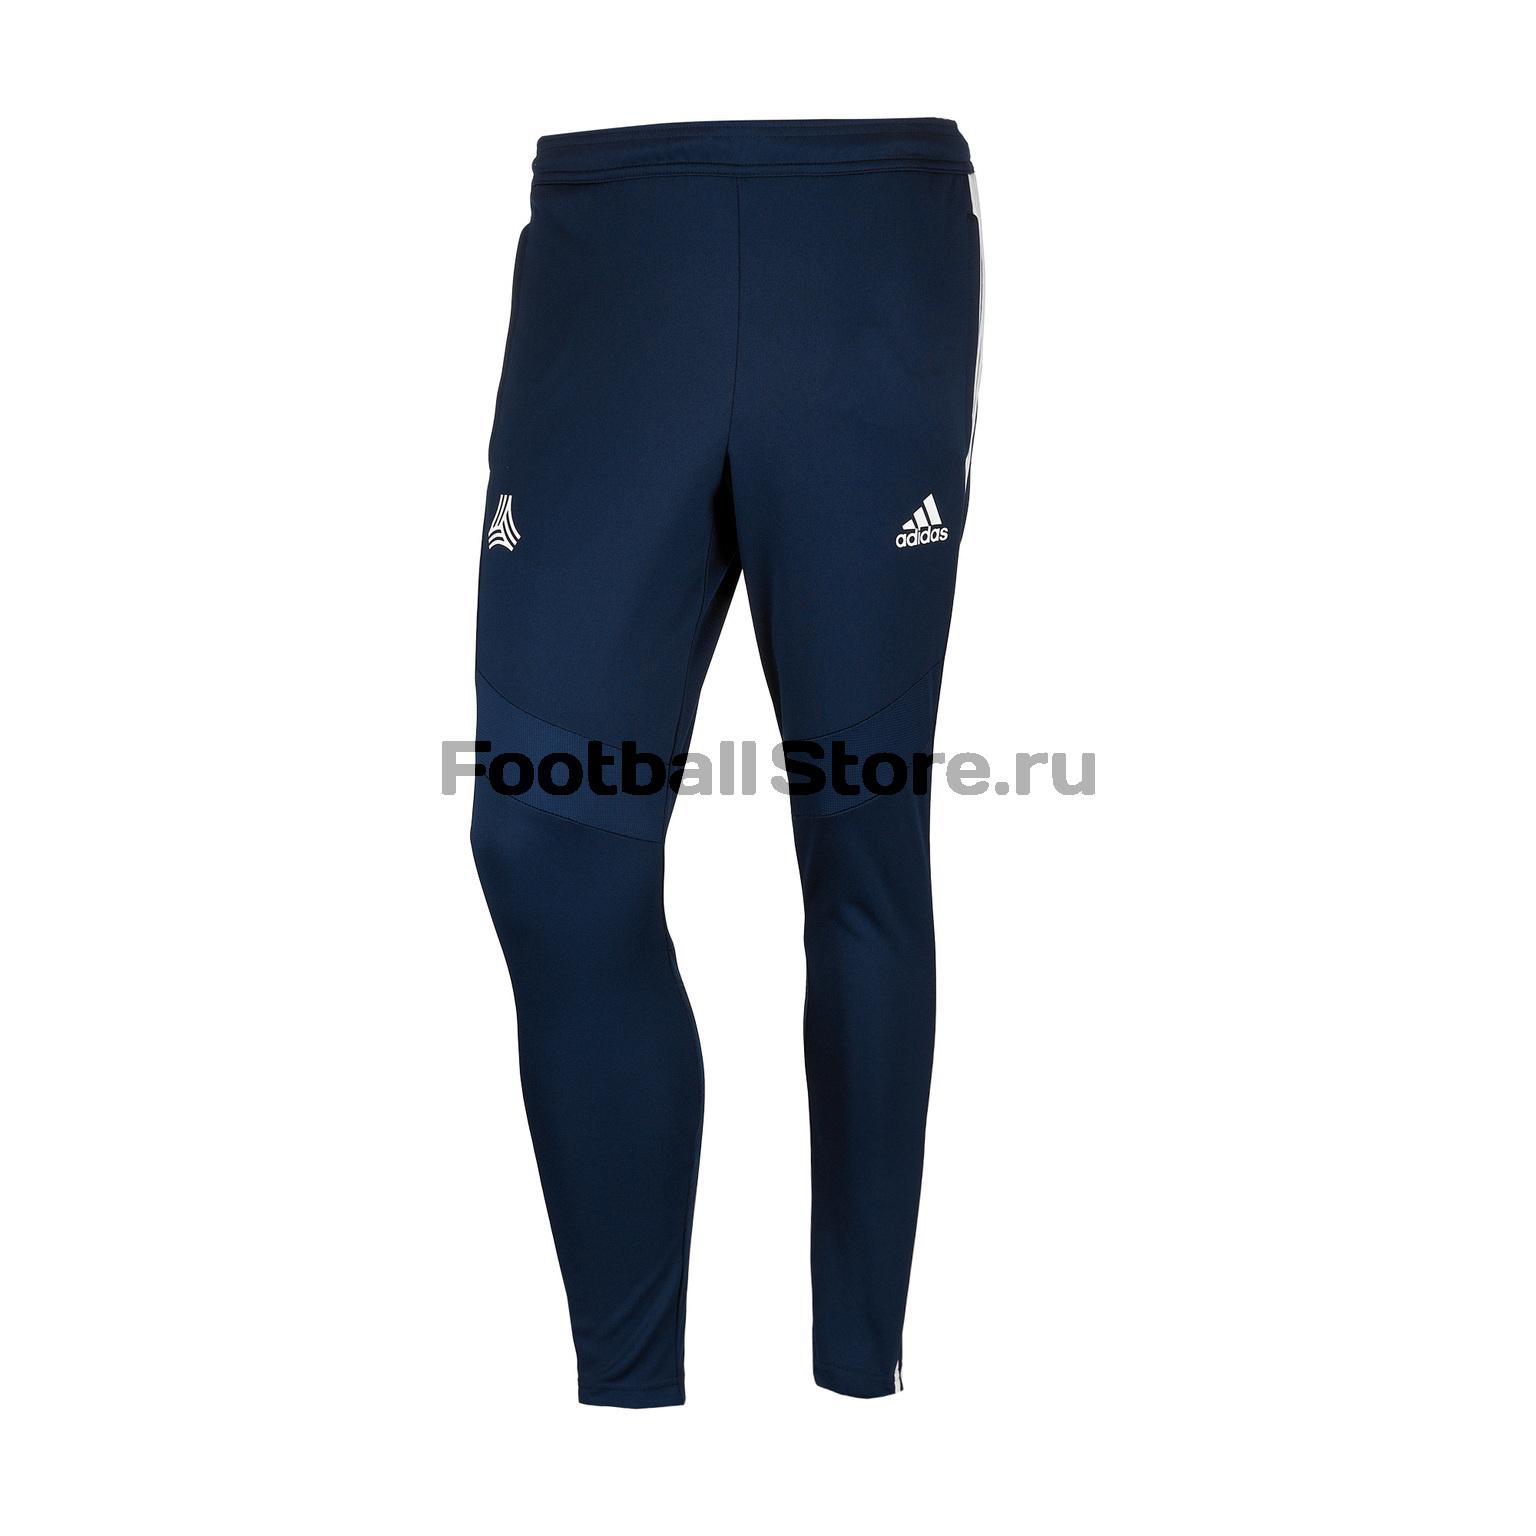 Брюки тренировочные Adidas Tan Pant DP2701 шорты игровые adidas tan dt9843